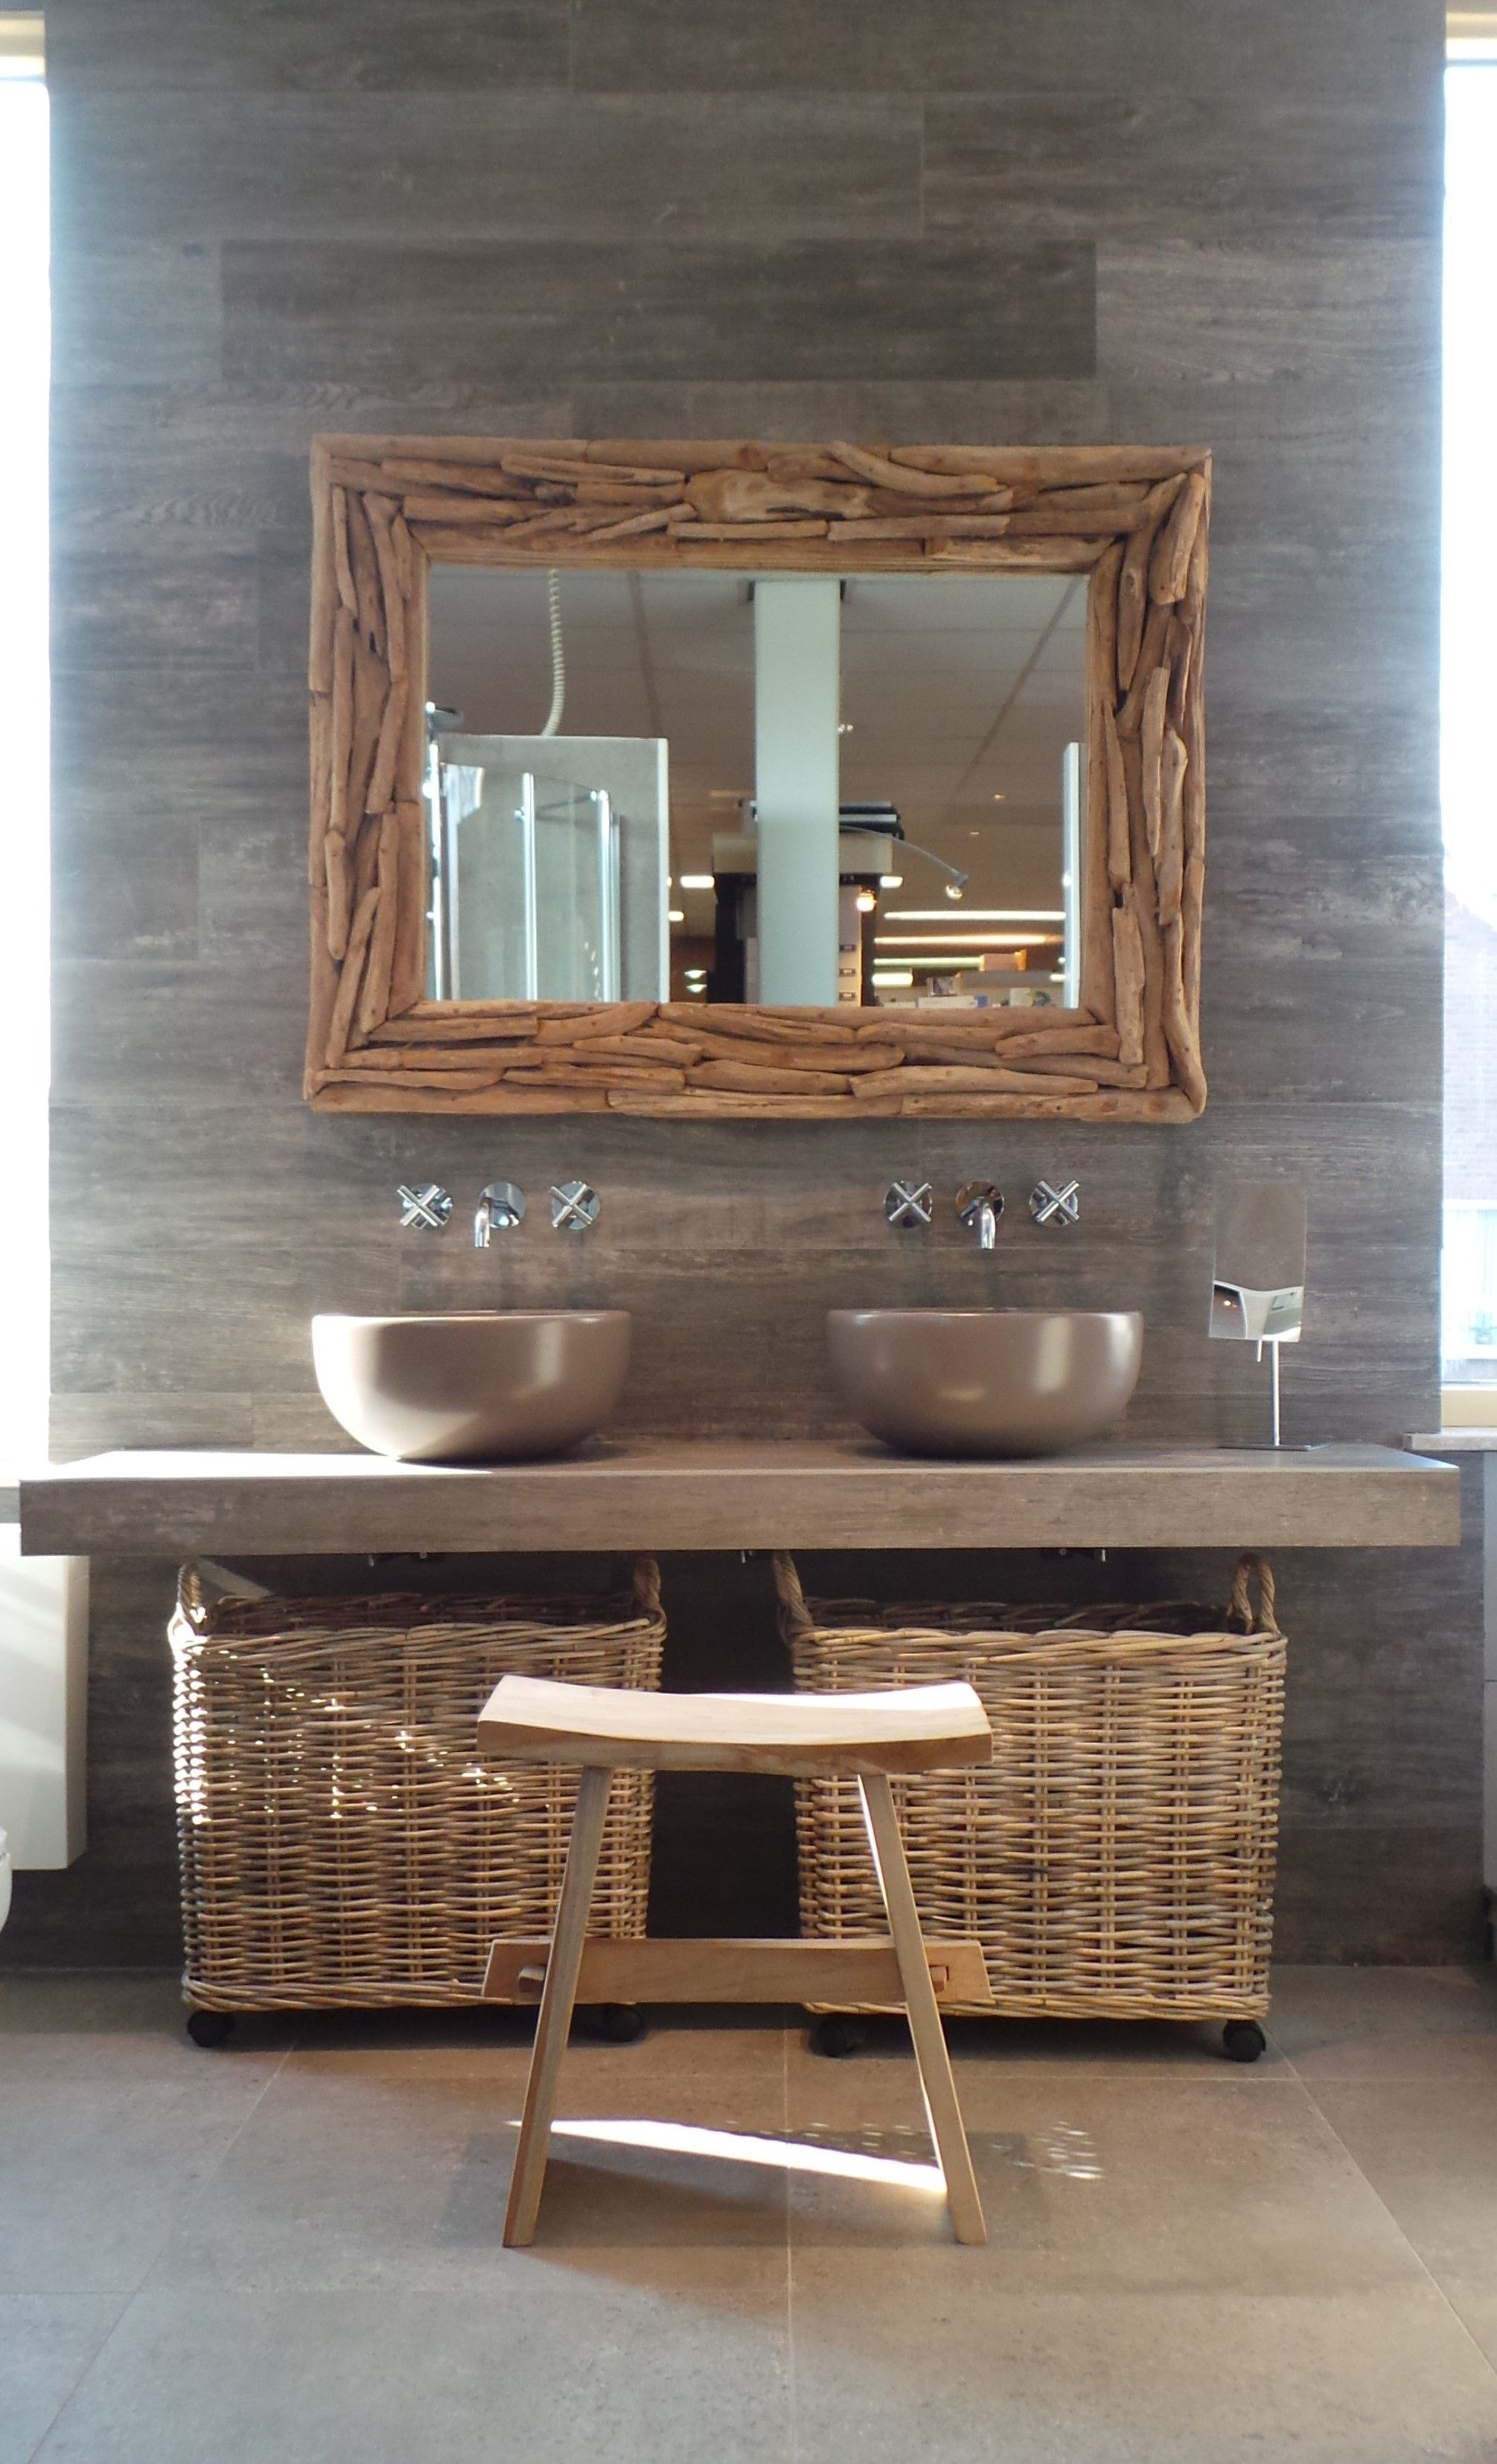 een robuuste eigentijdse badkamer in de showroom van welbie